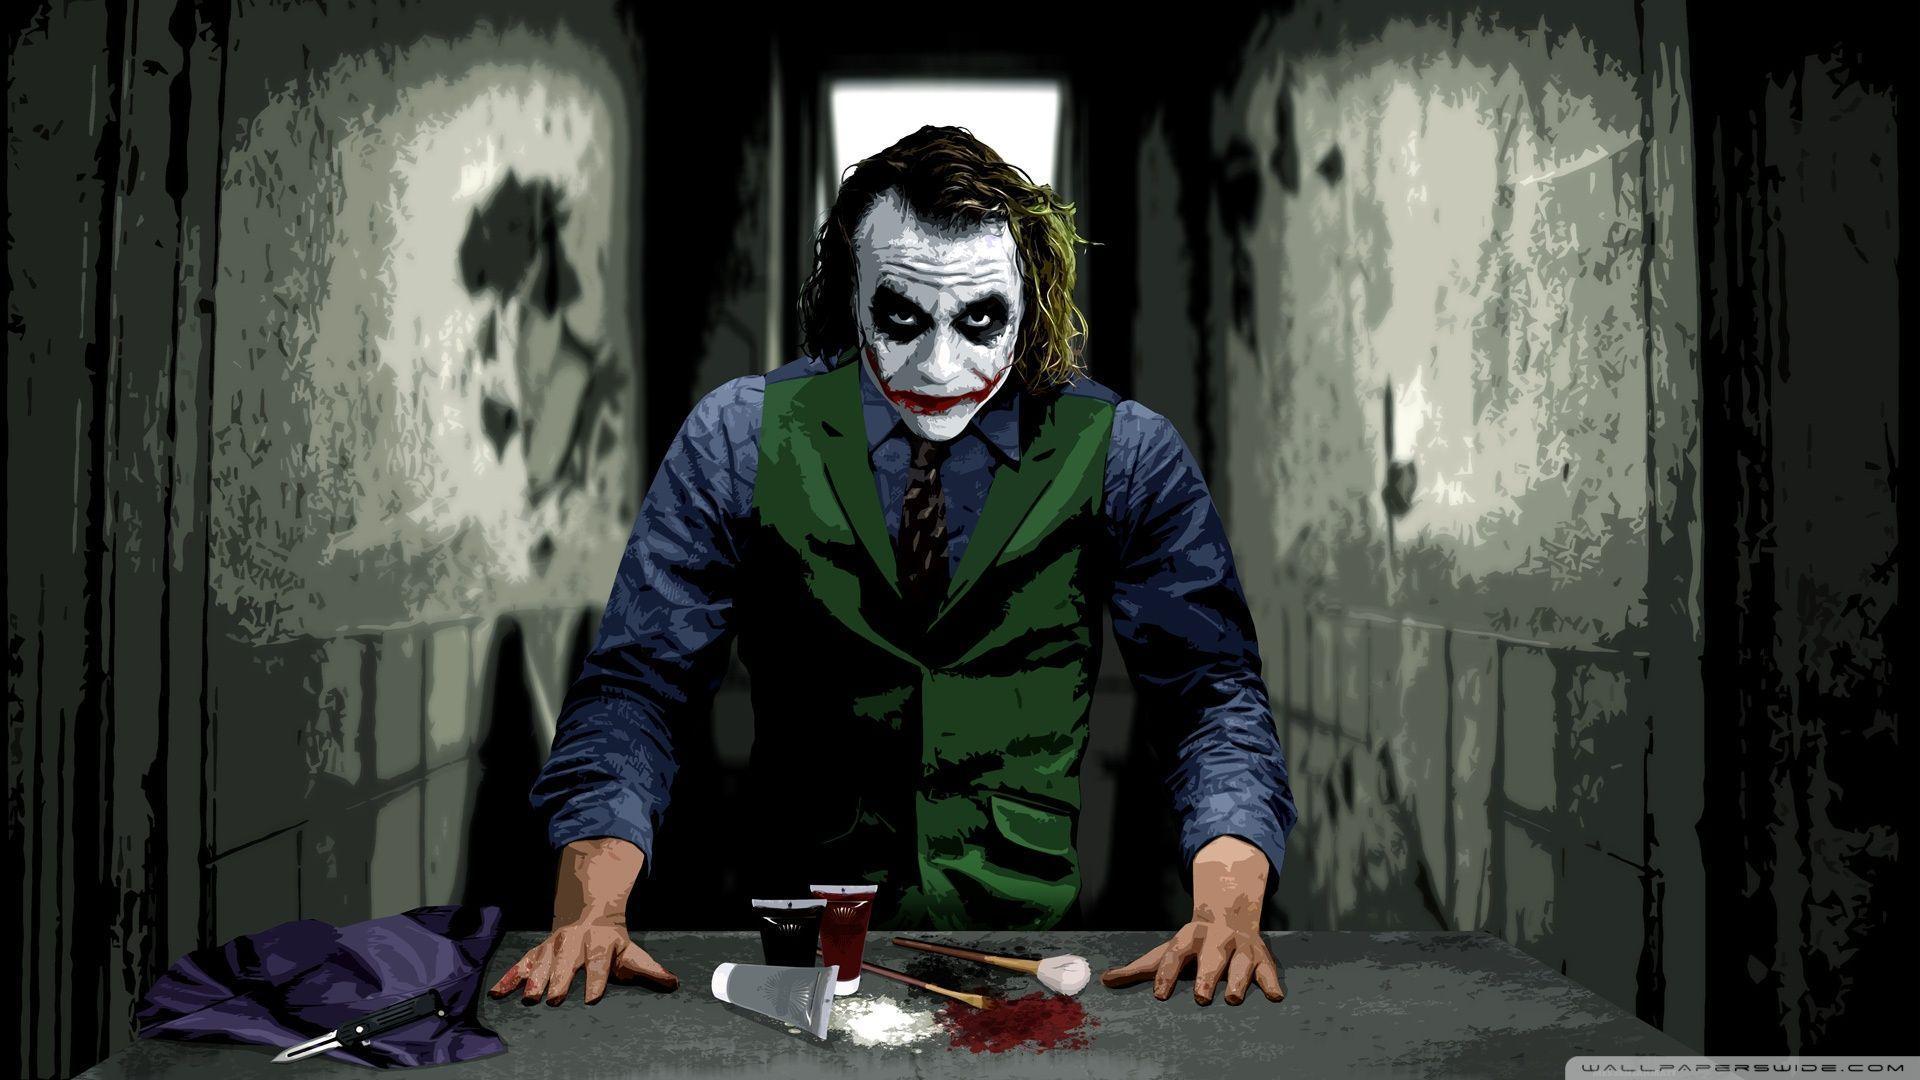 22+ Heath Ledger Joker Wallpaper 4K JPG